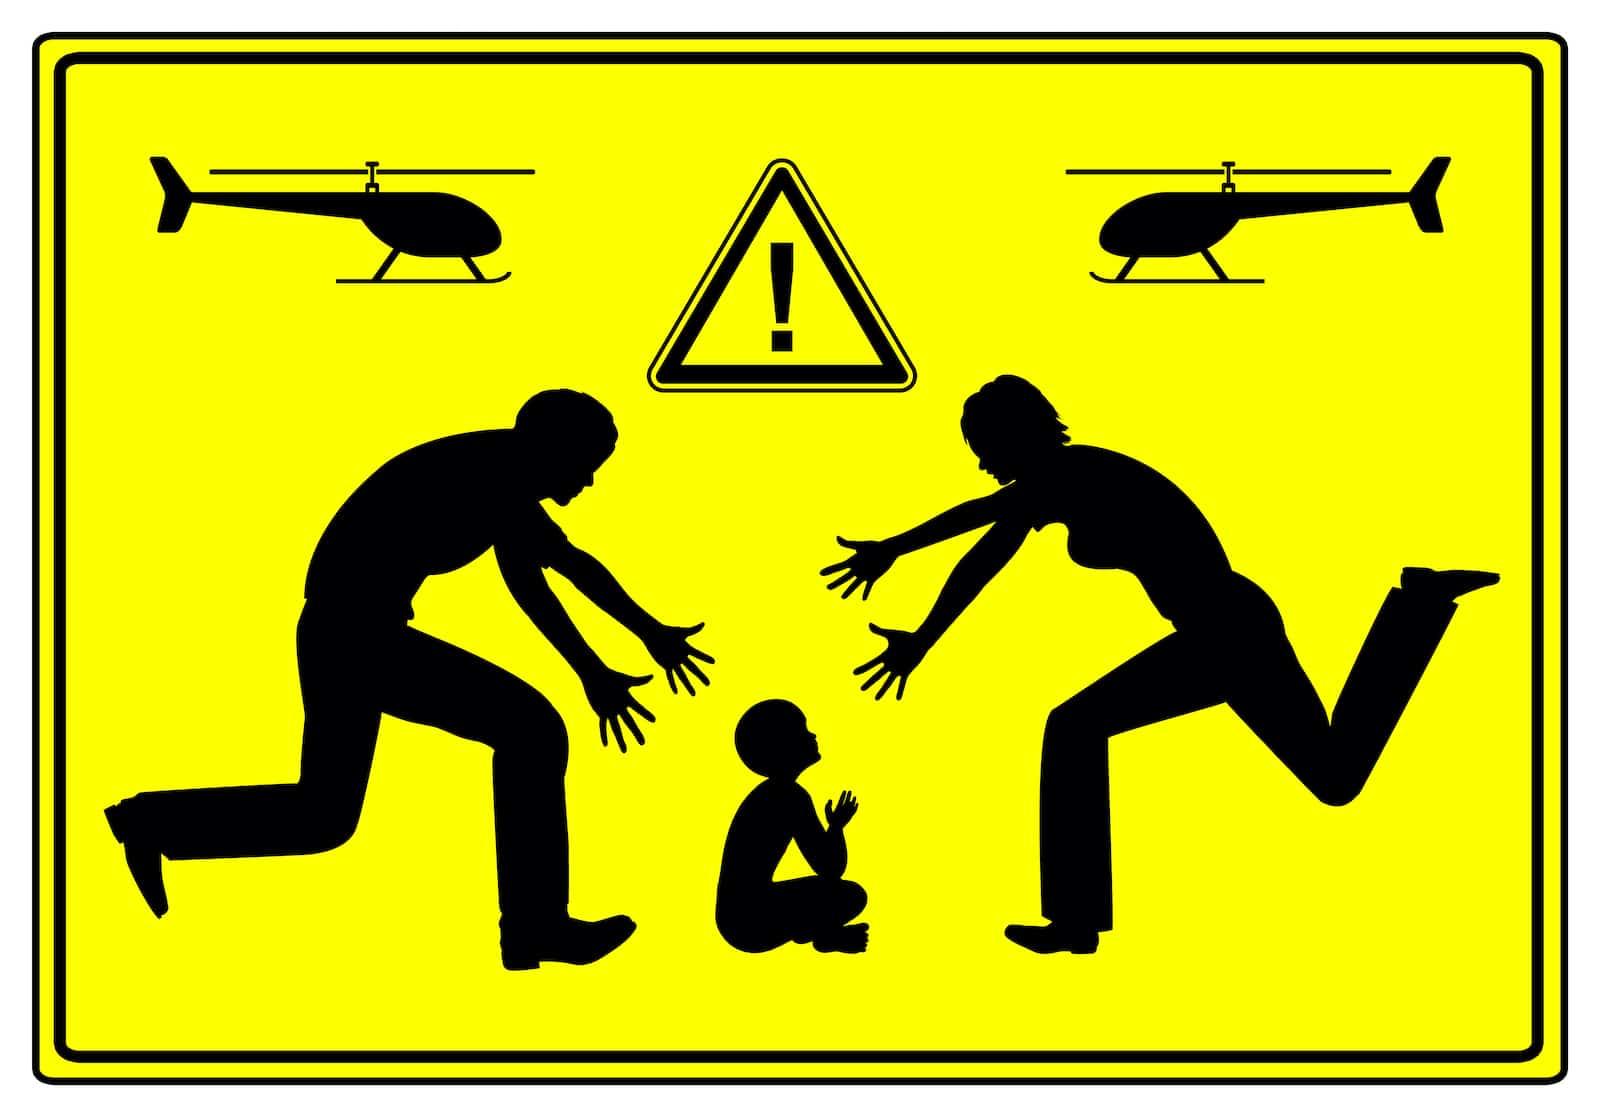 Schneepflugeltern: Muss man das Kind vor jedem Fehler schützen?